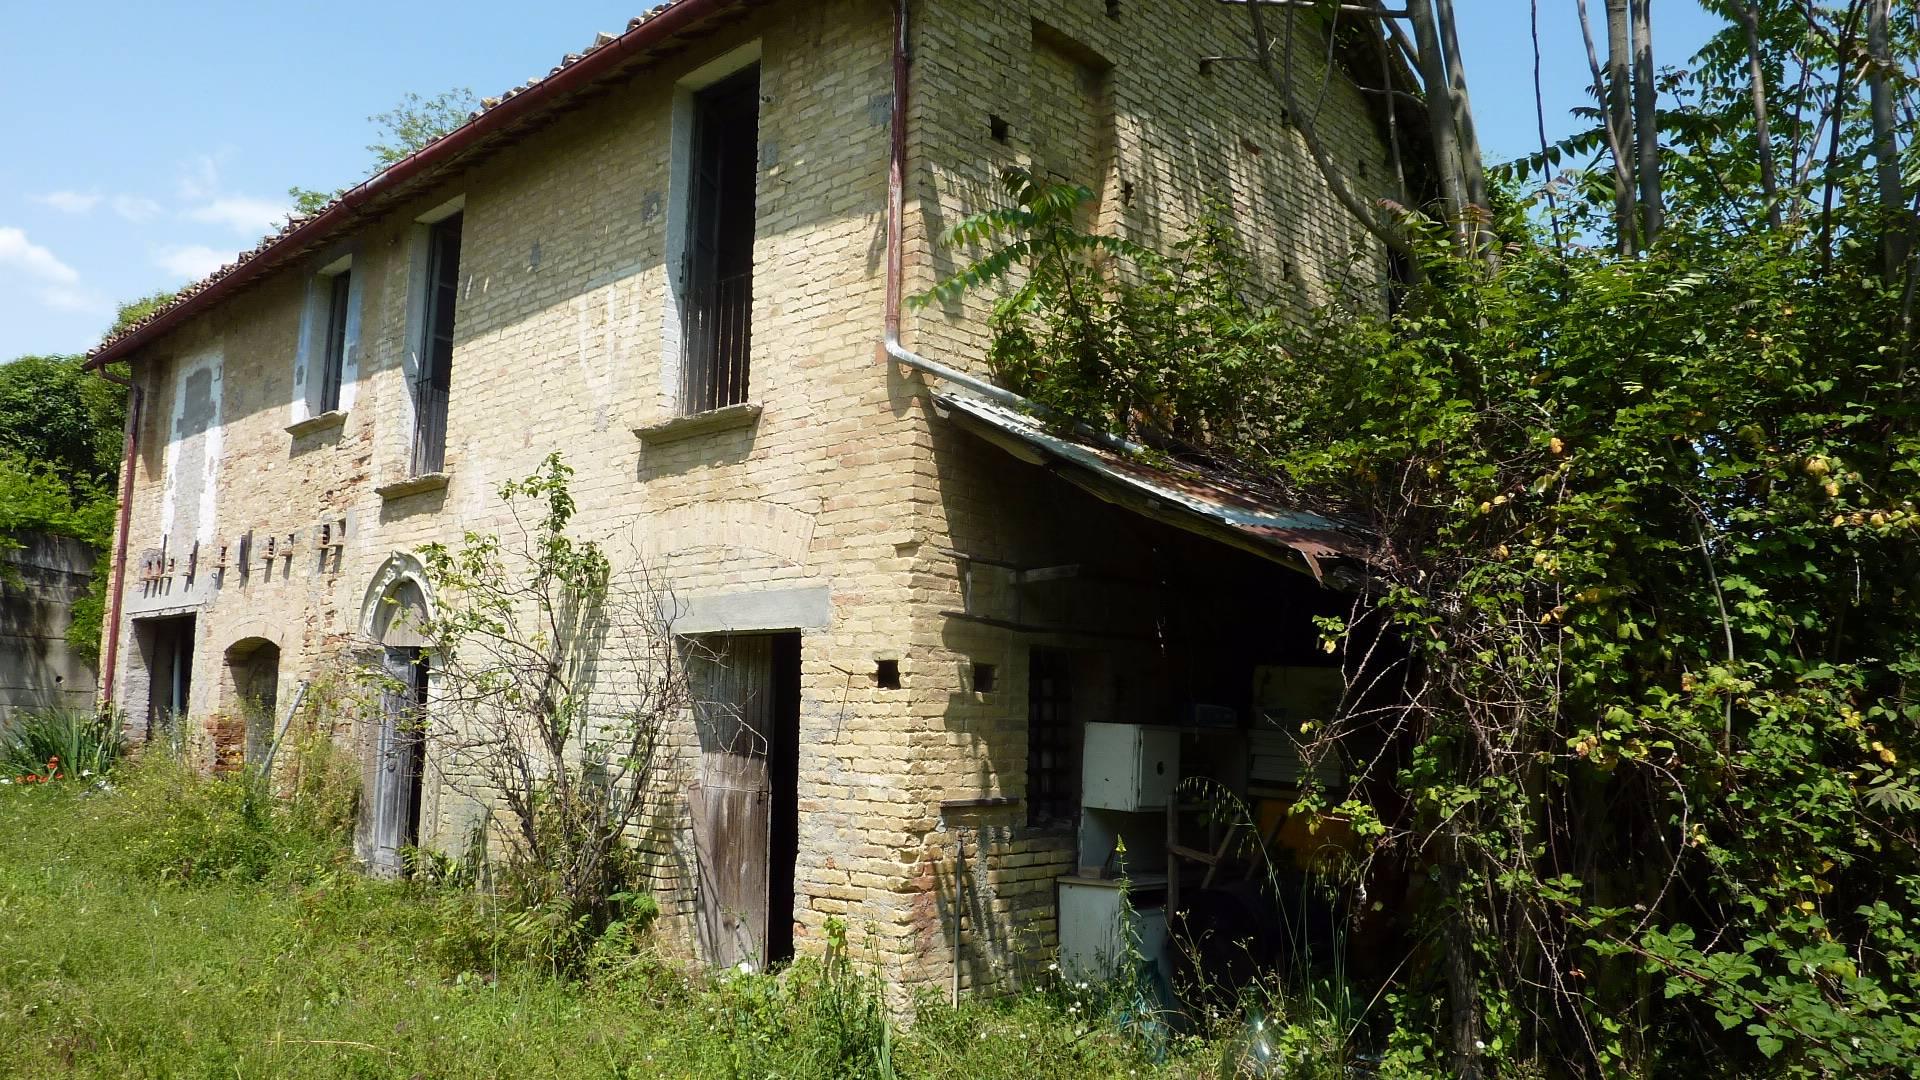 Rustico / Casale in vendita a Monsampolo del Tronto, 8 locali, zona Zona: Monsampolo, prezzo € 120.000 | CambioCasa.it